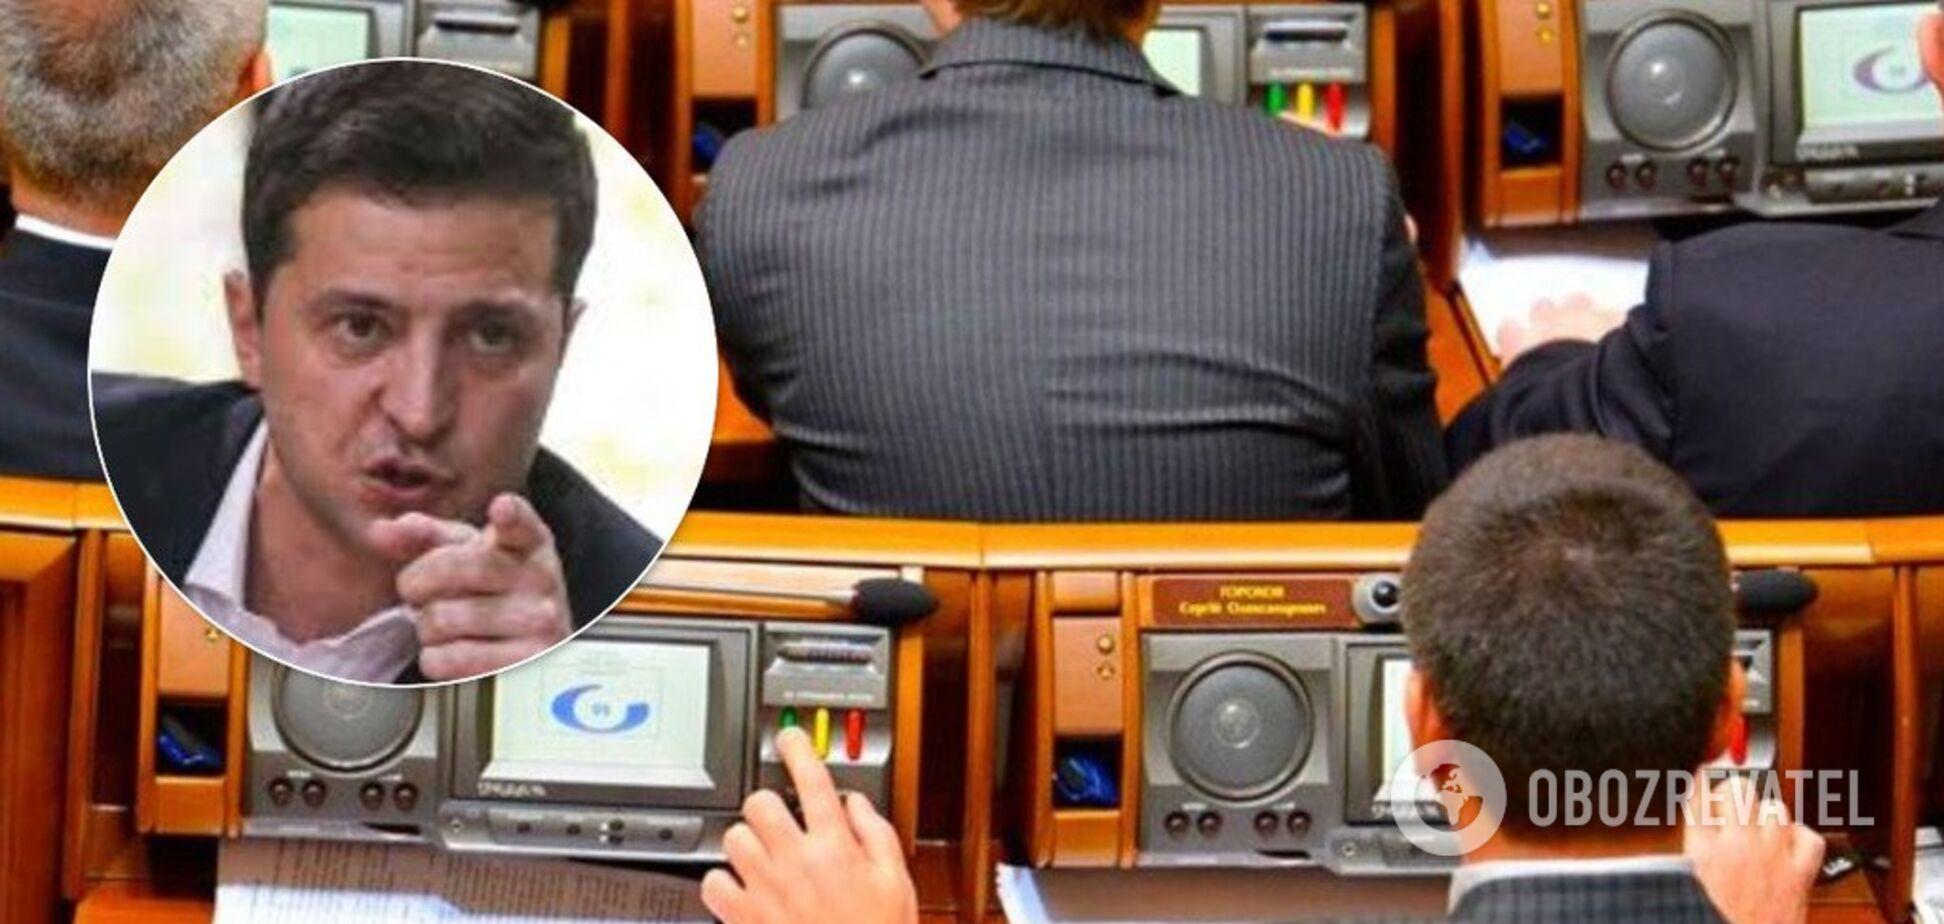 Штраф за кнопкодавство: Зеленський схвалив зміни до Кримінального кодексу